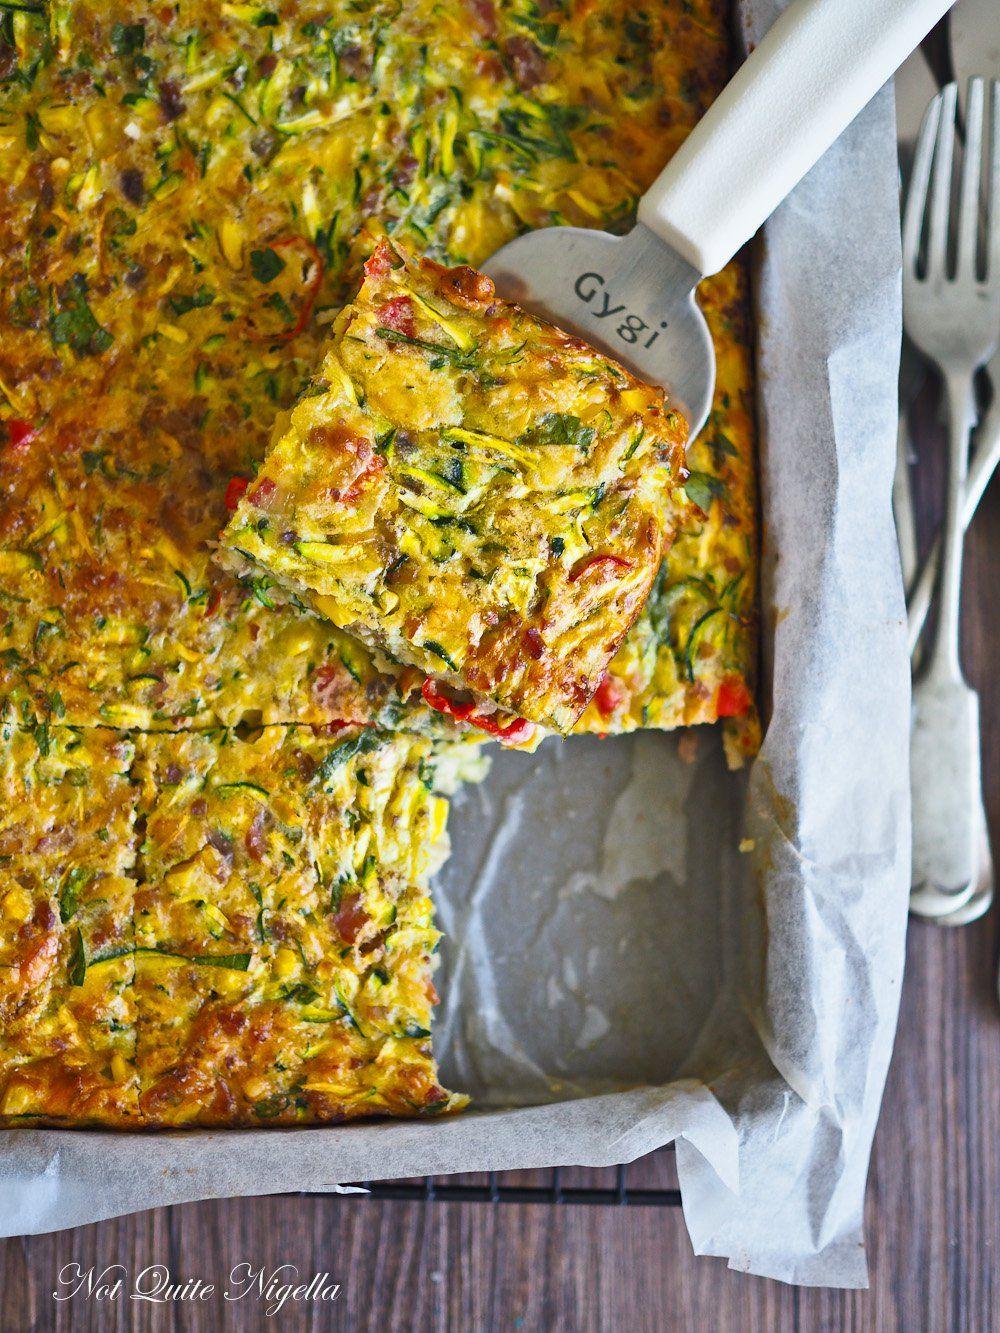 The Incredible Very Edible Zucchini Slice Recipe Deliciousness